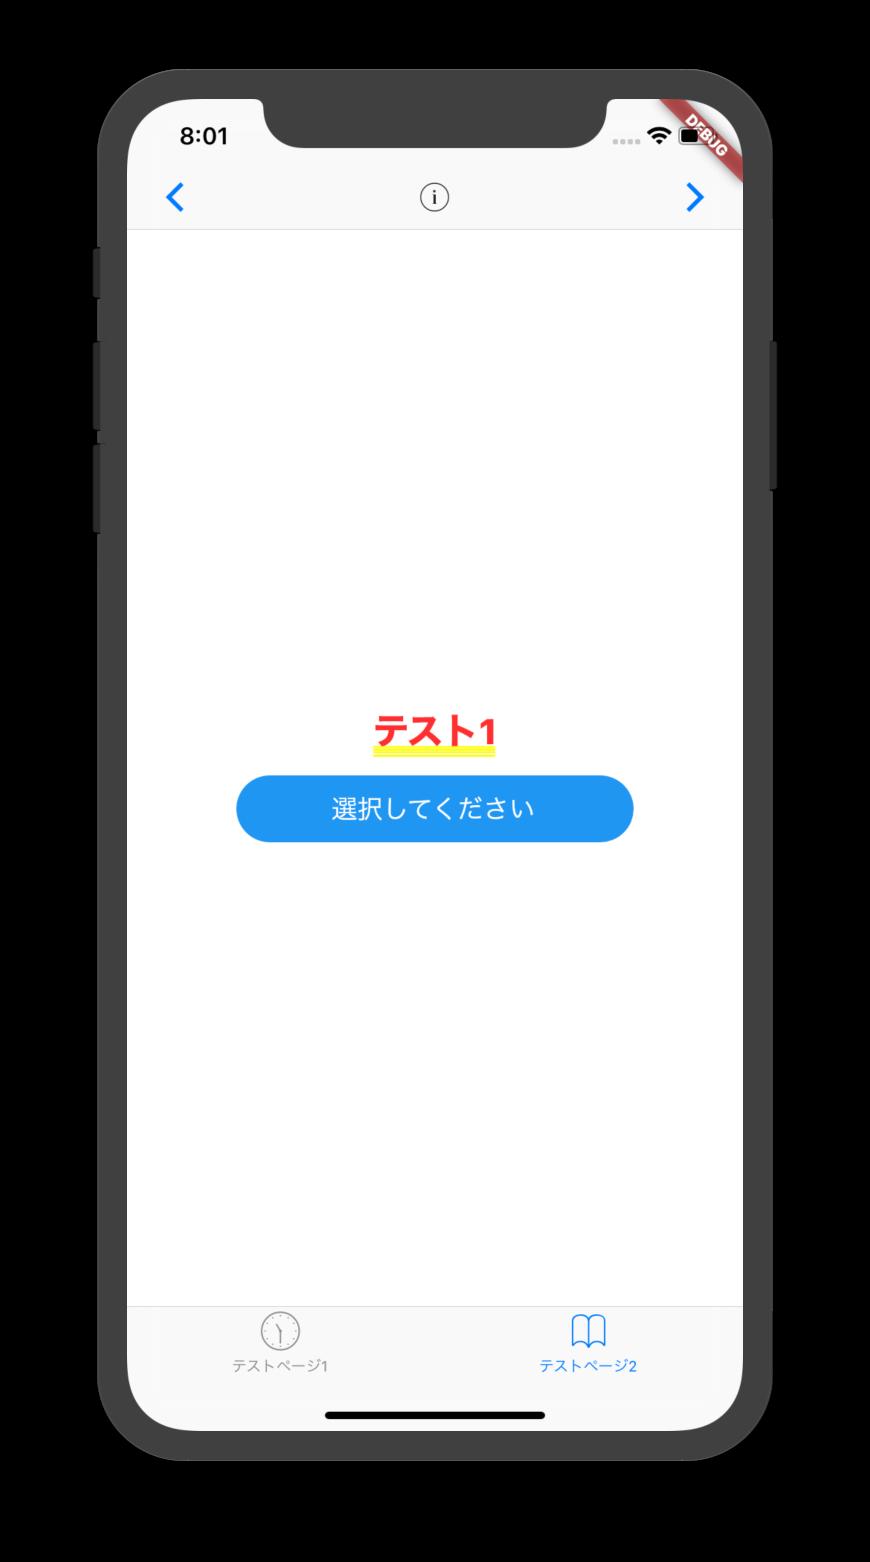 スクリーンショット 2018-12-14 8.01.05.png